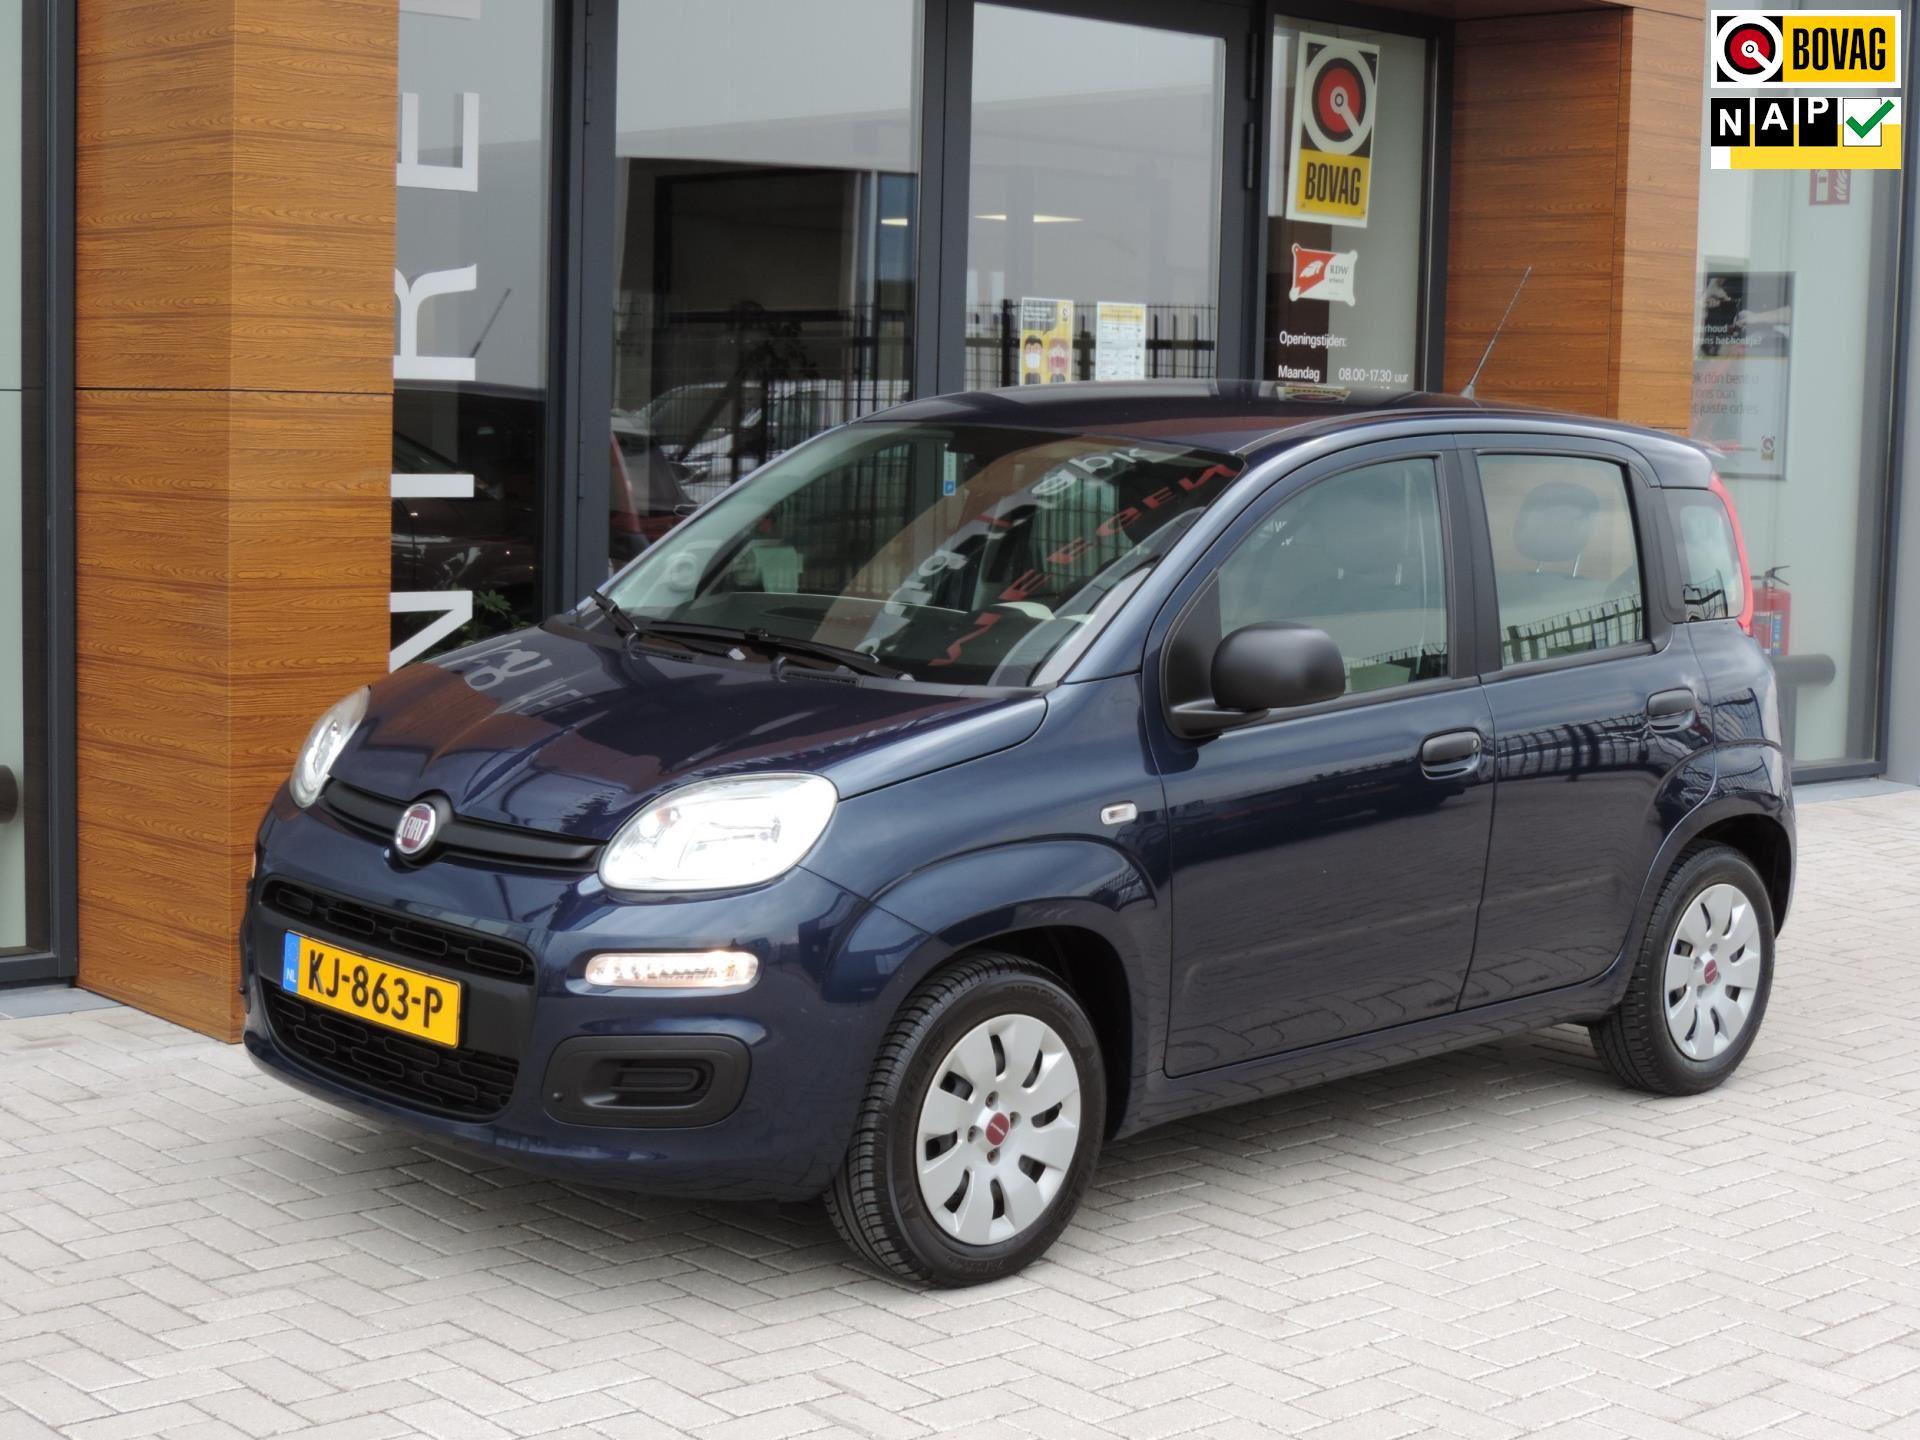 Fiat Panda occasion - Autobedrijf van Meegen